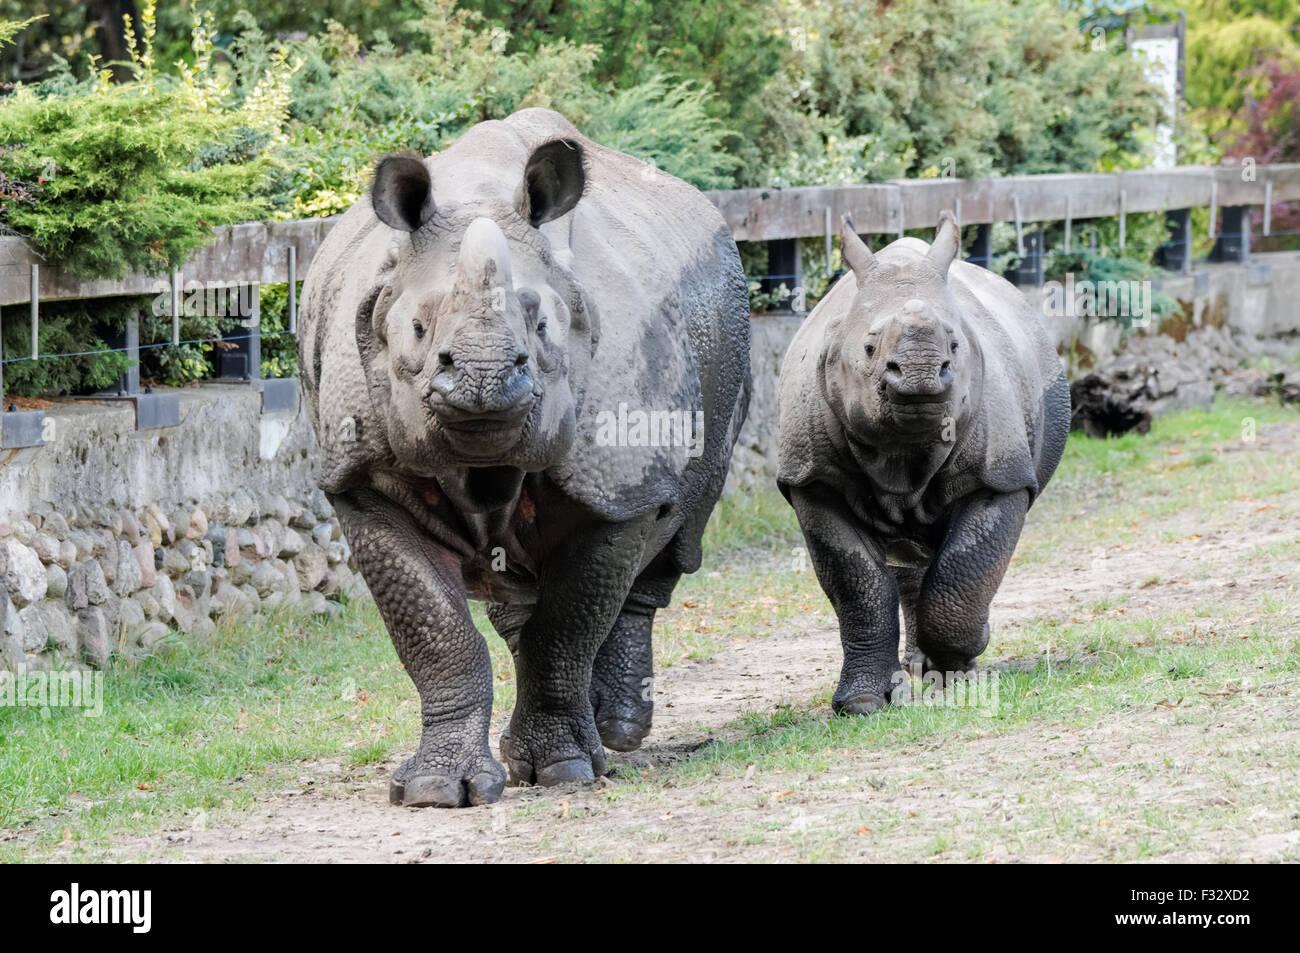 El rinoceronte indio (Rhinoceros unicornis) en el Zoológico de Varsovia, Polonia Imagen De Stock